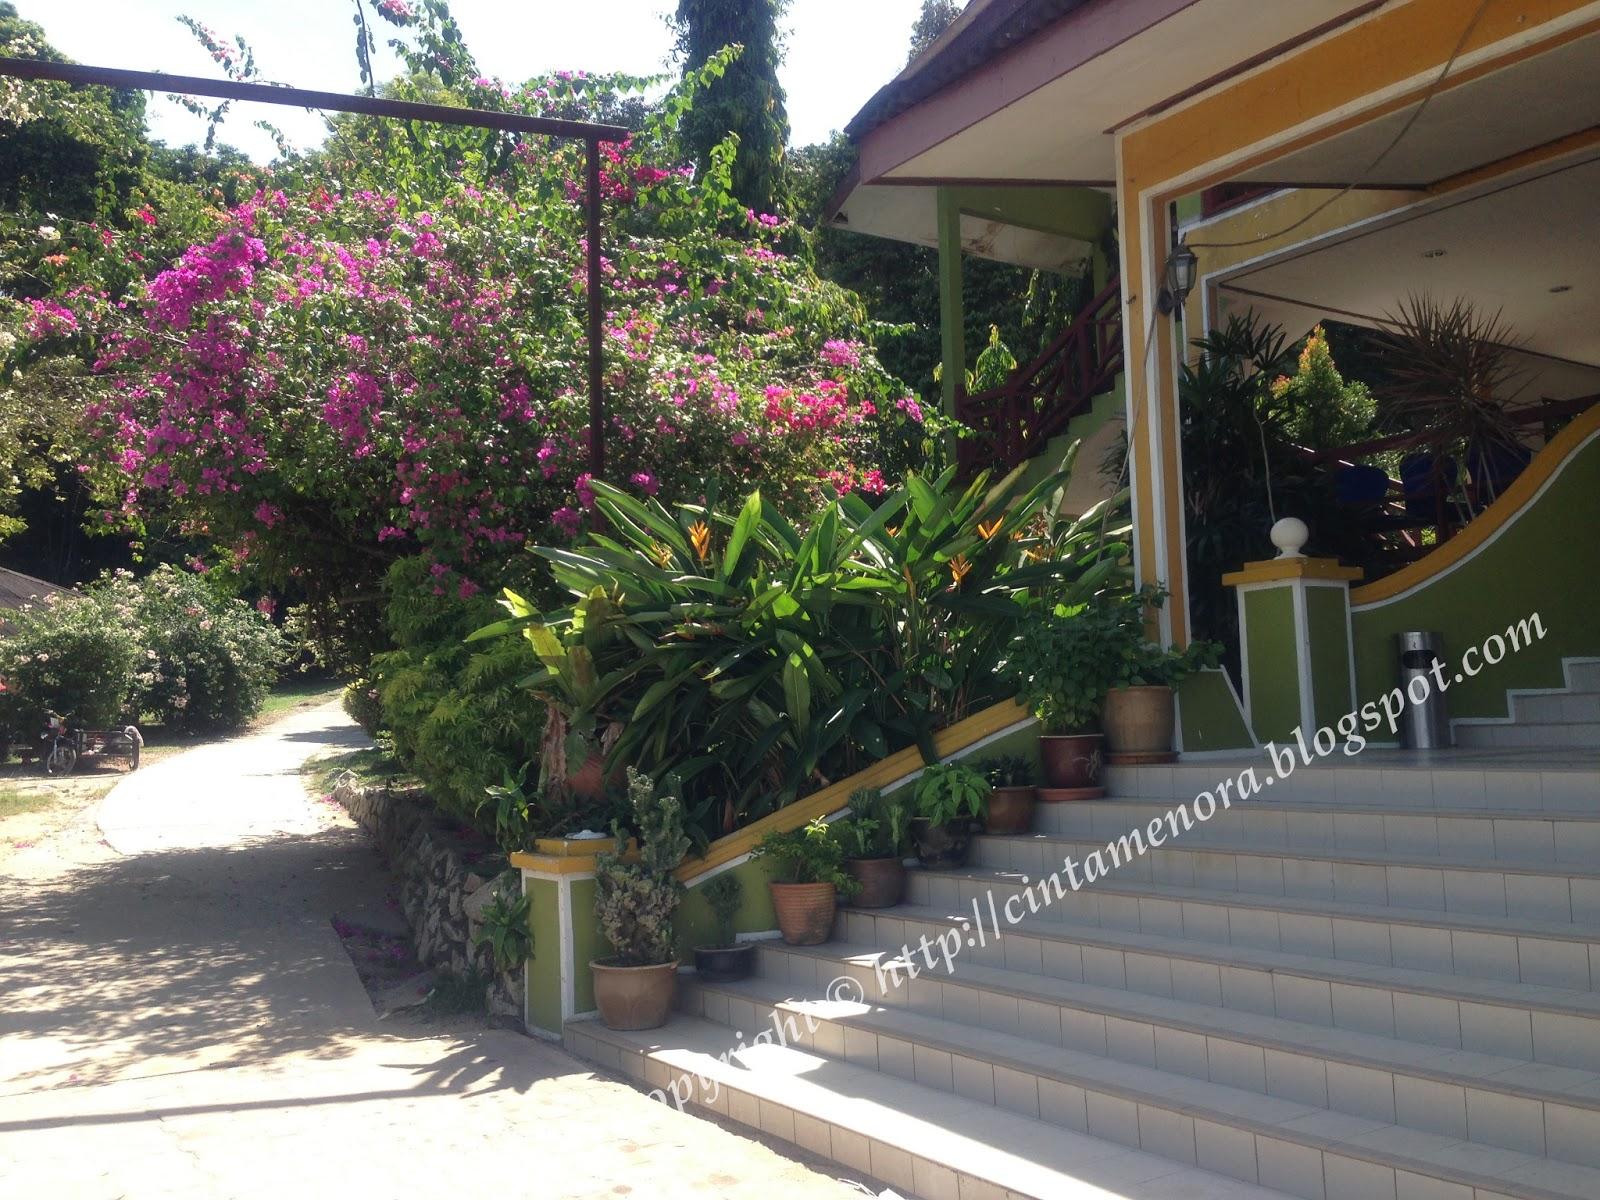 pintu masuk ke d'puteri kurnia resort